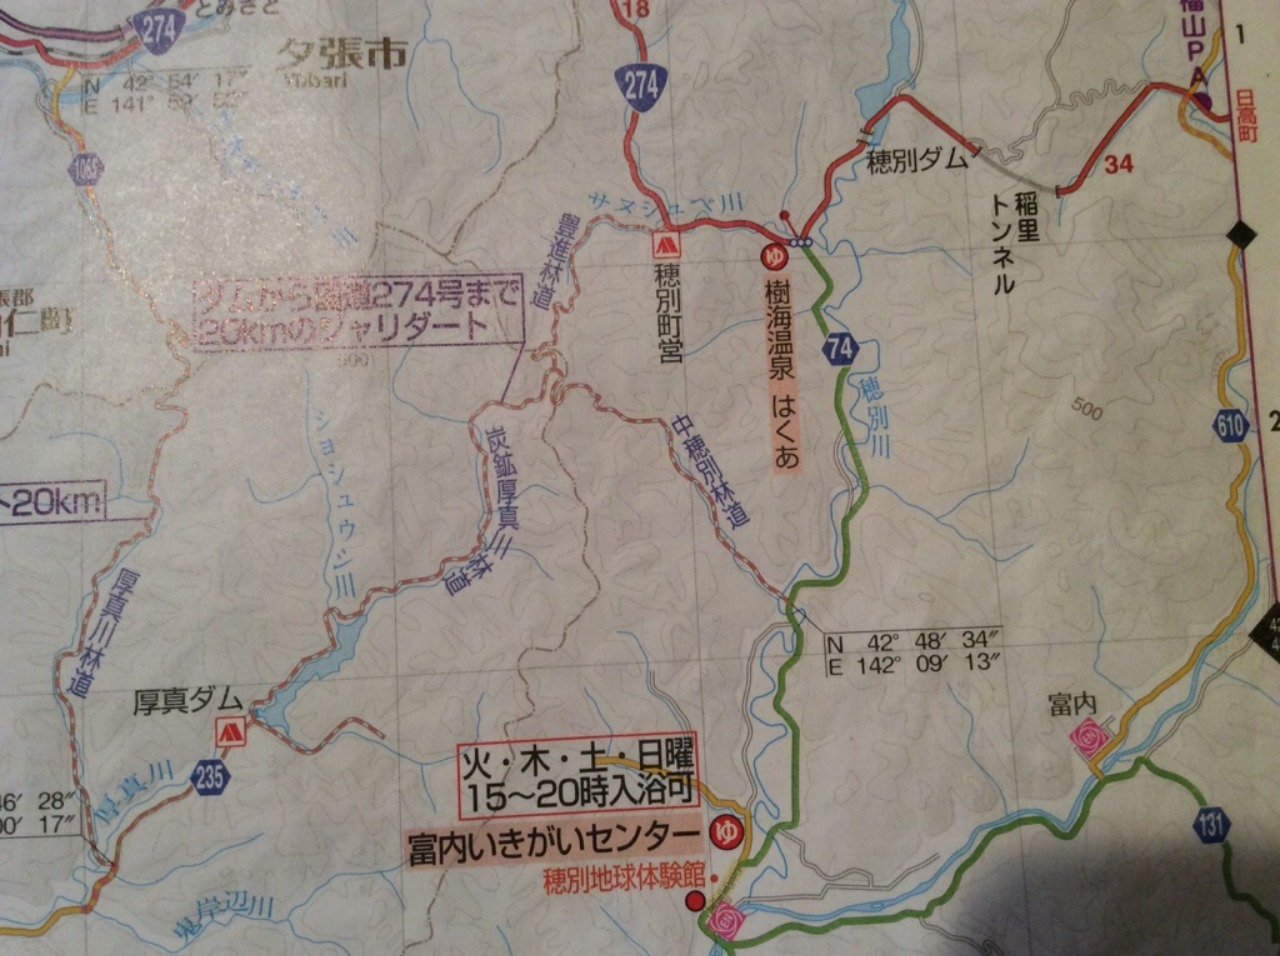 【チャレンジ】やっぱ林道は楽しいねツーリング_e0159646_6253458.jpg